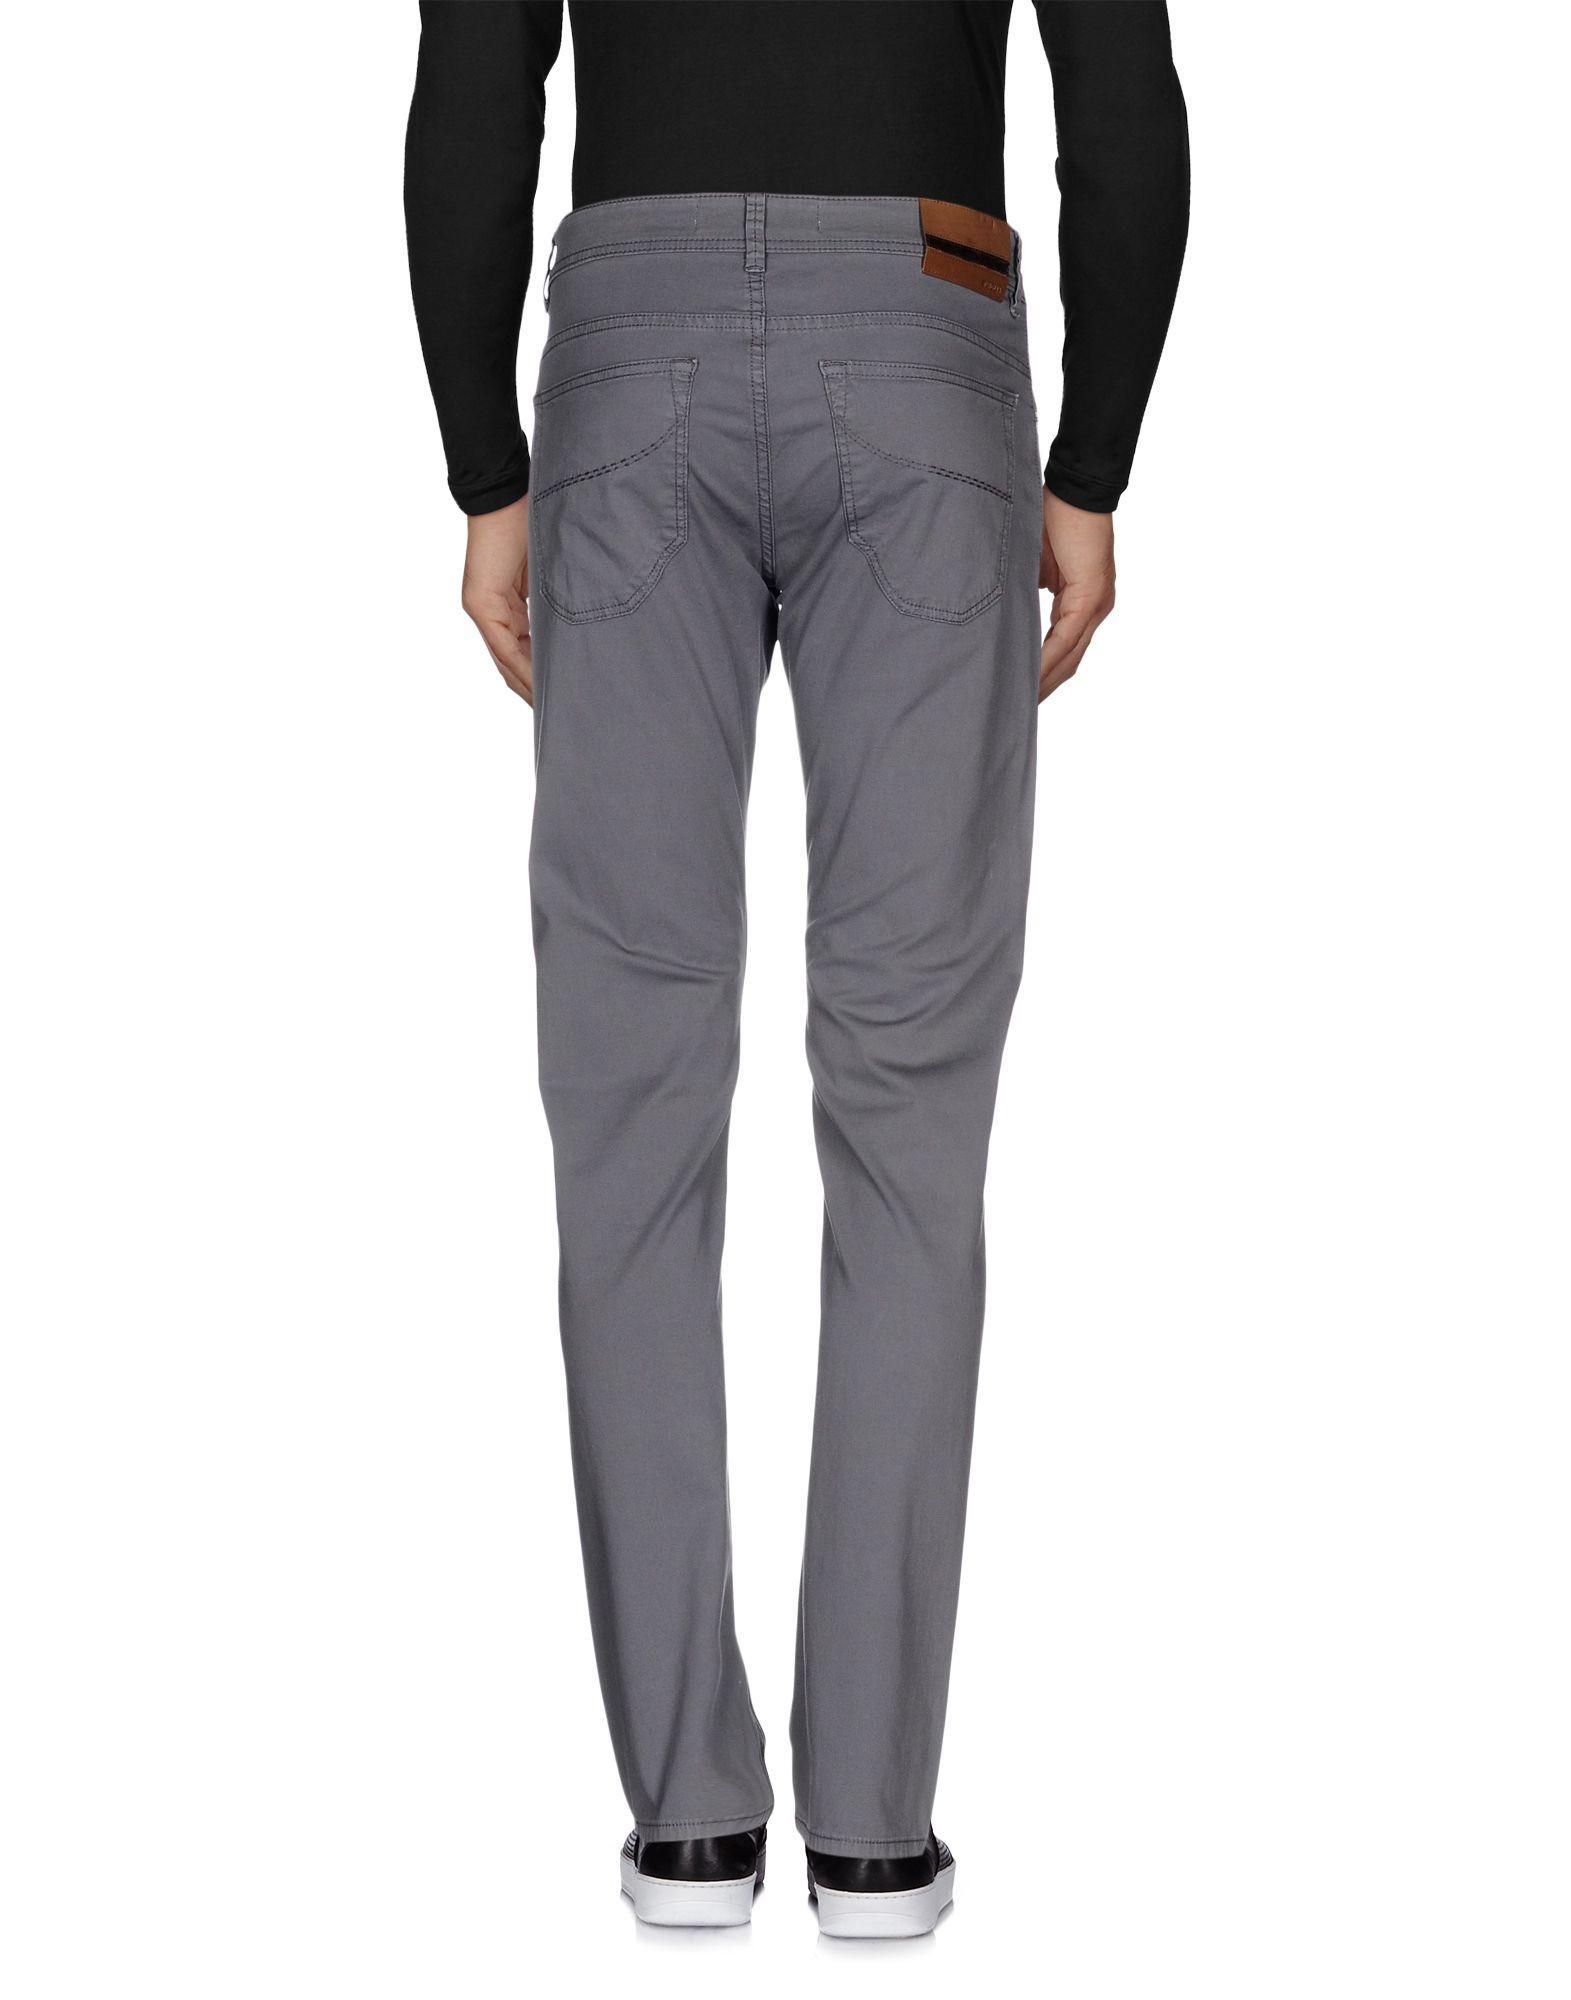 Siviglia Cotton Casual Trouser in Grey (Grey) for Men